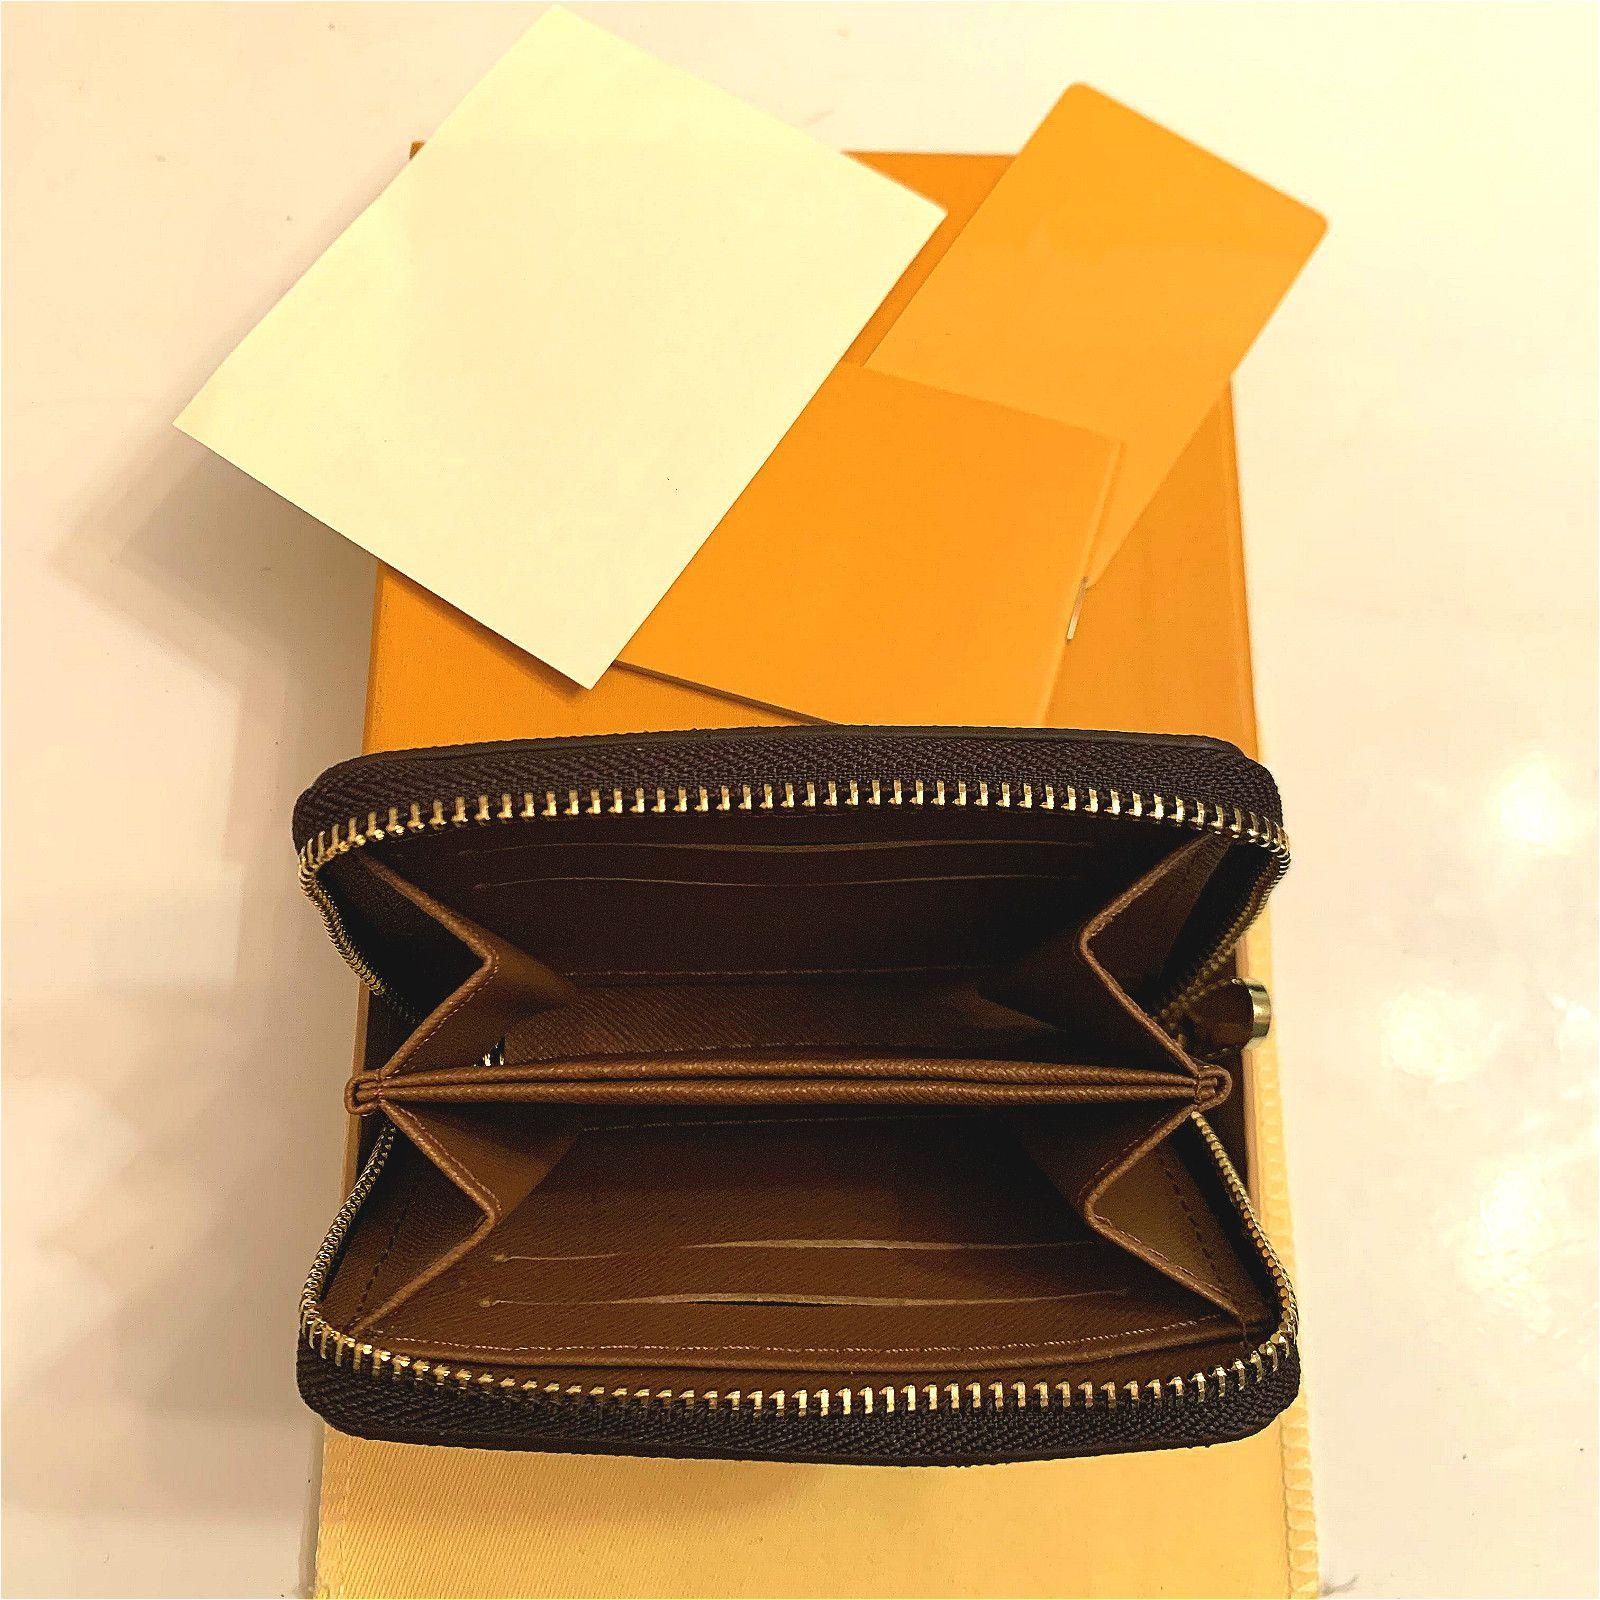 M42616 Designer di lusso Zippy Short Portafoglio Zipper Zipper Womens Brown Portafoglio Mono Gram Canvers Leather Check Plaid Portafoglio Portafoglio Titolare Long Busines